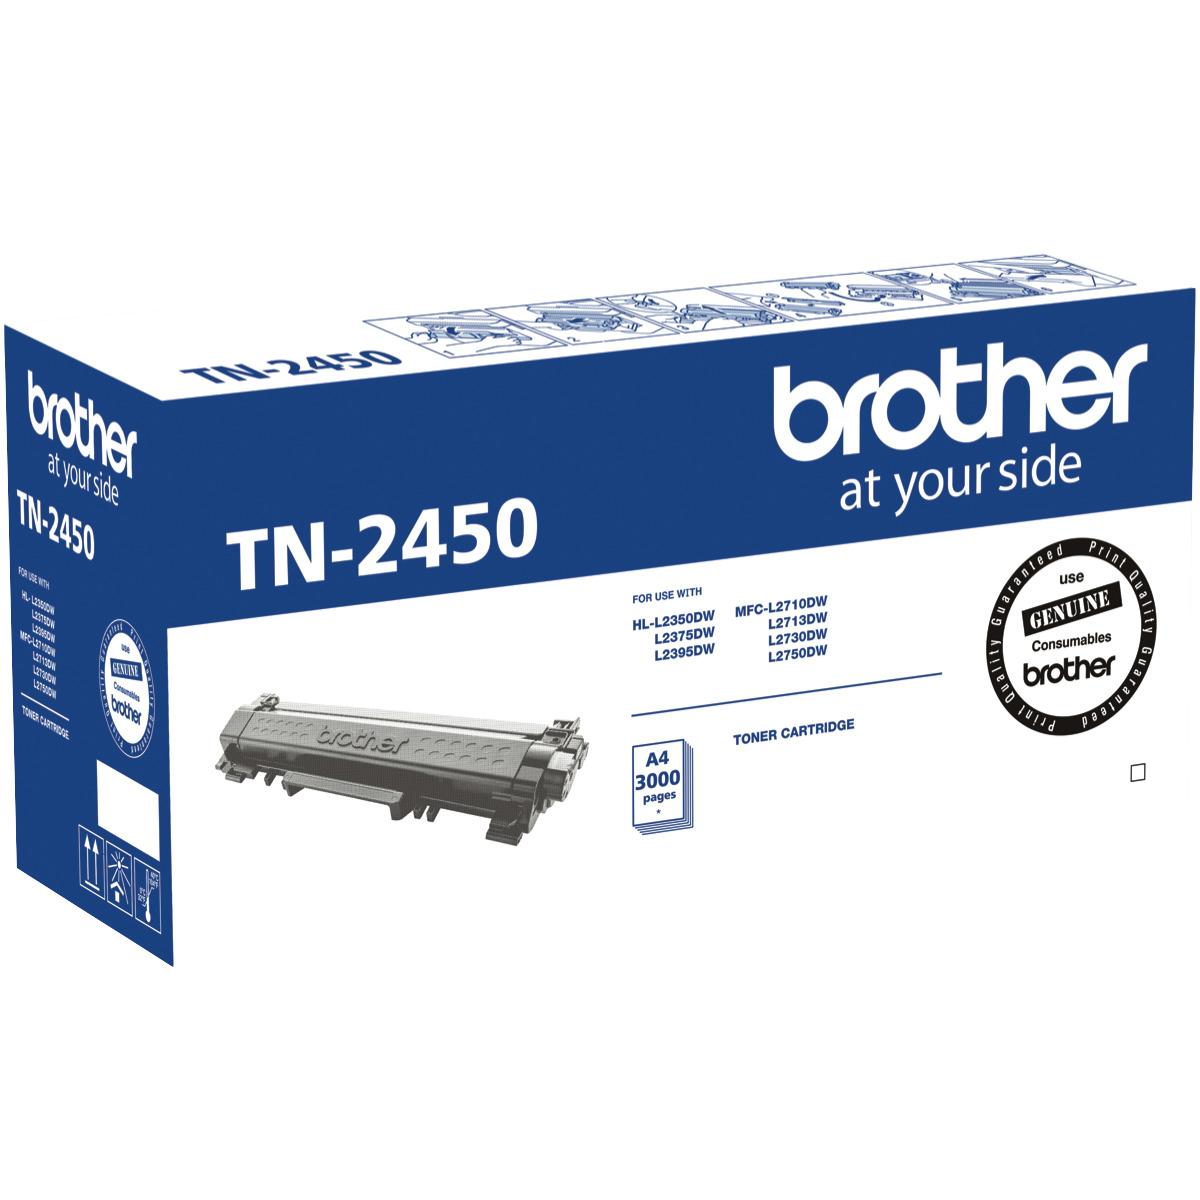 Brother TN-2450 Black Toner High Cap